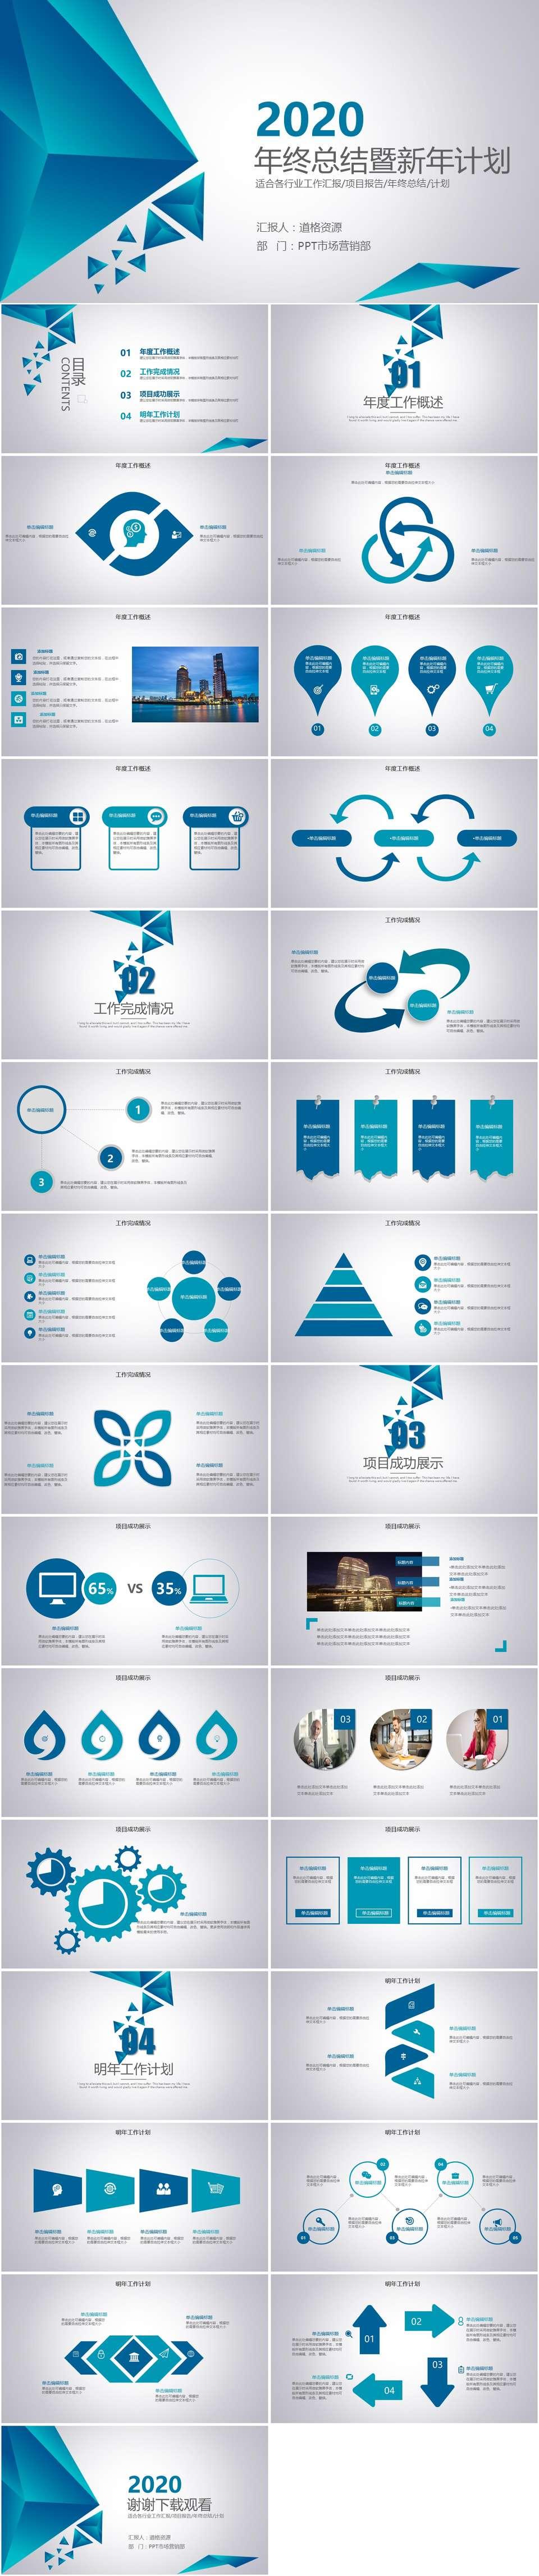 2020年商务通用创意时尚年度工作总结动态蓝色通用PPT模板插图1